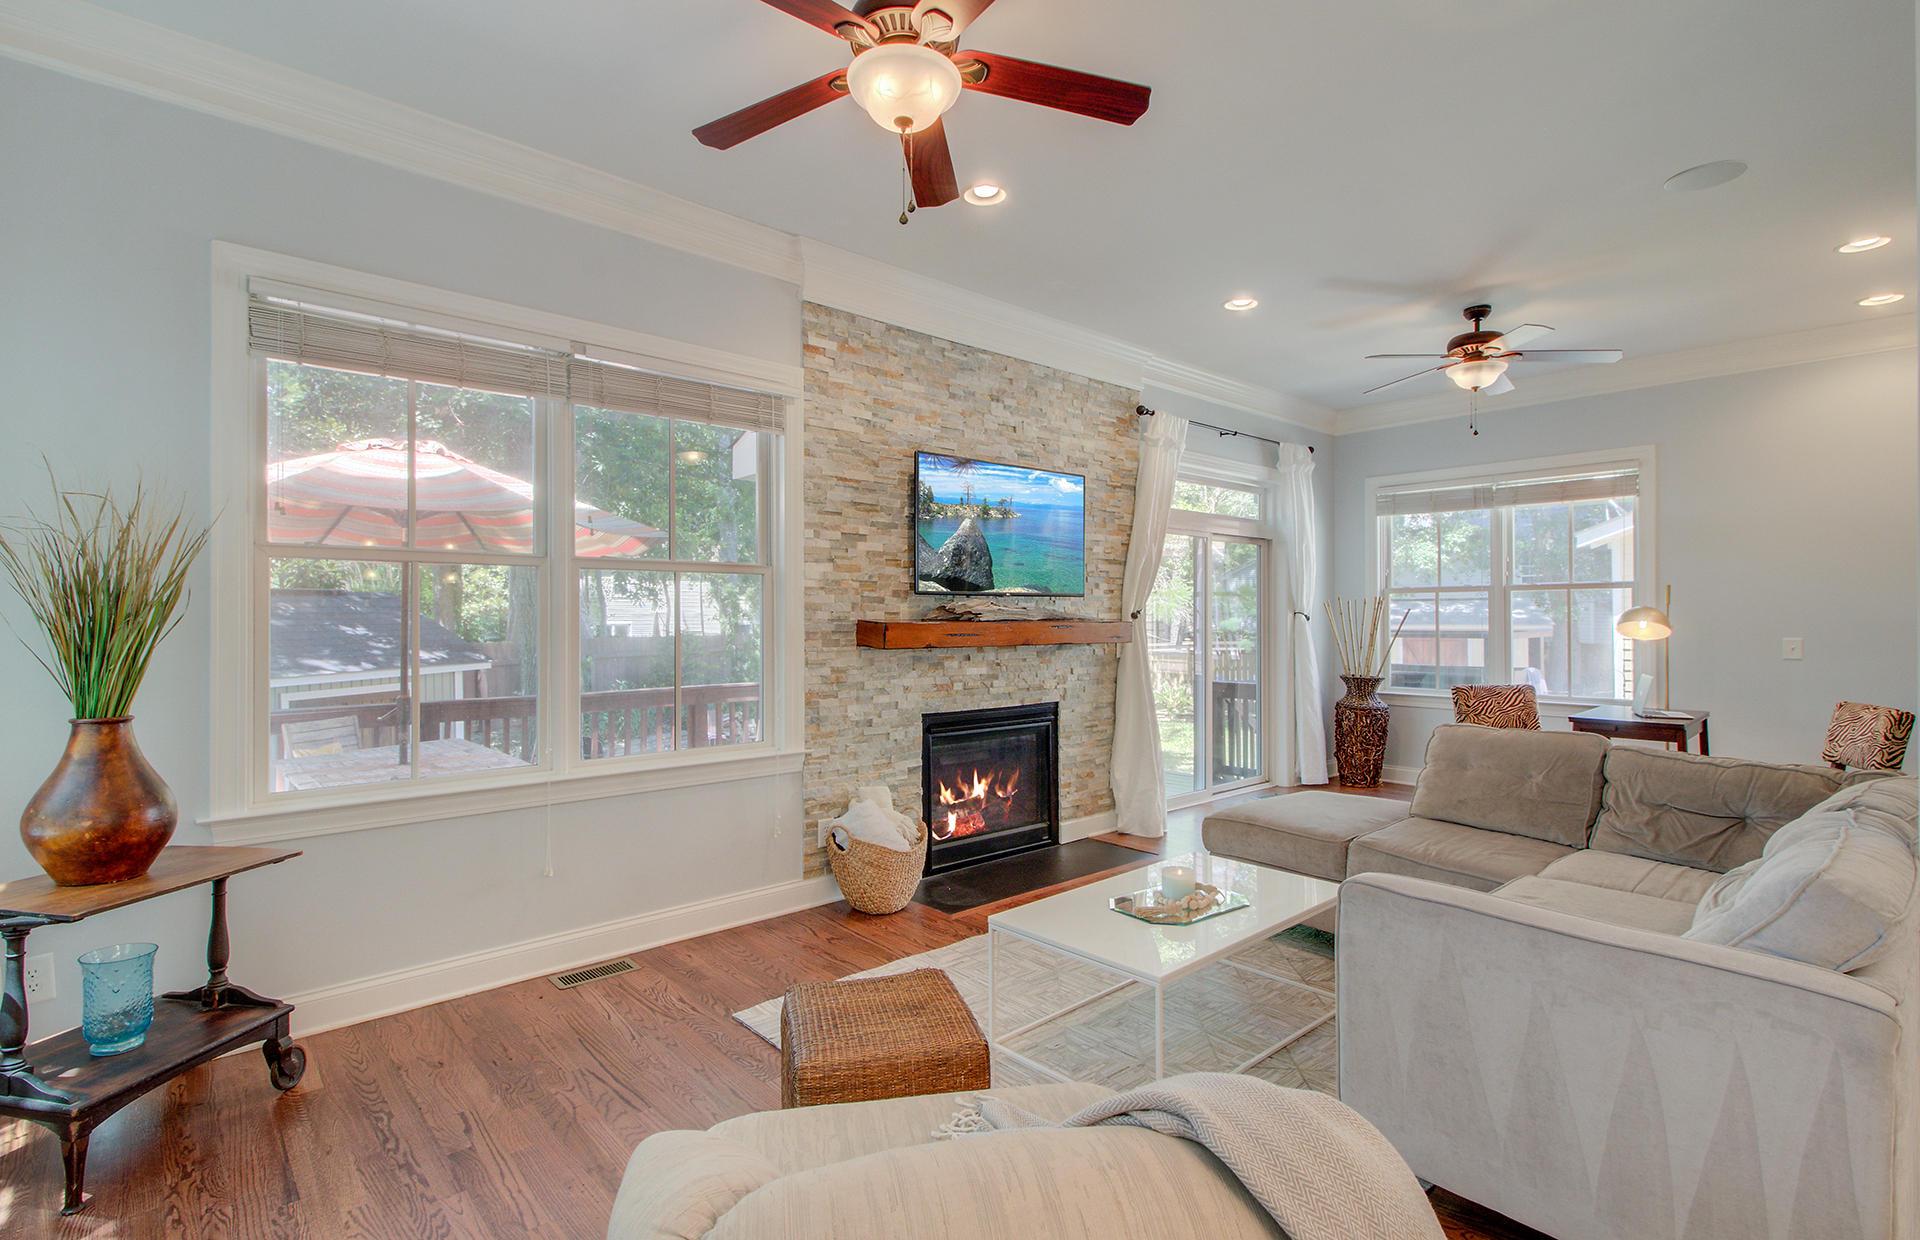 Phillips Park Homes For Sale - 1129 Phillips Park, Mount Pleasant, SC - 50